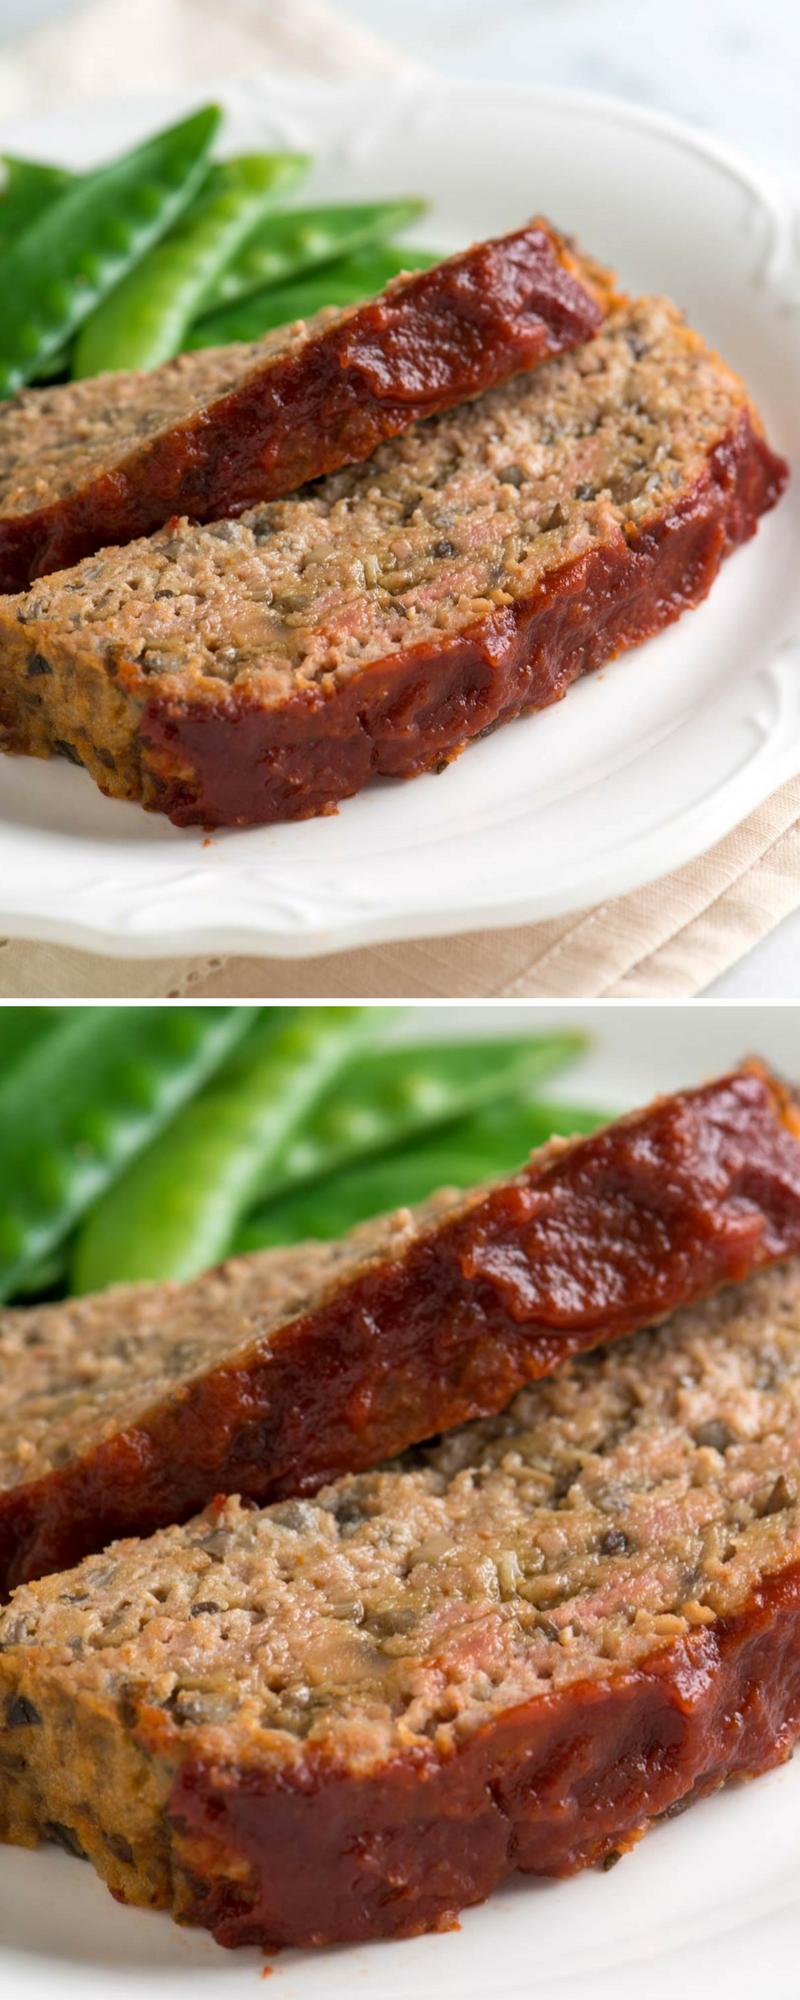 Unbelievably Moist Turkey Meatloaf Recipe Turkey Meatloaf Recipes Moist Turkey Meatloaf Turkey Meatloaf